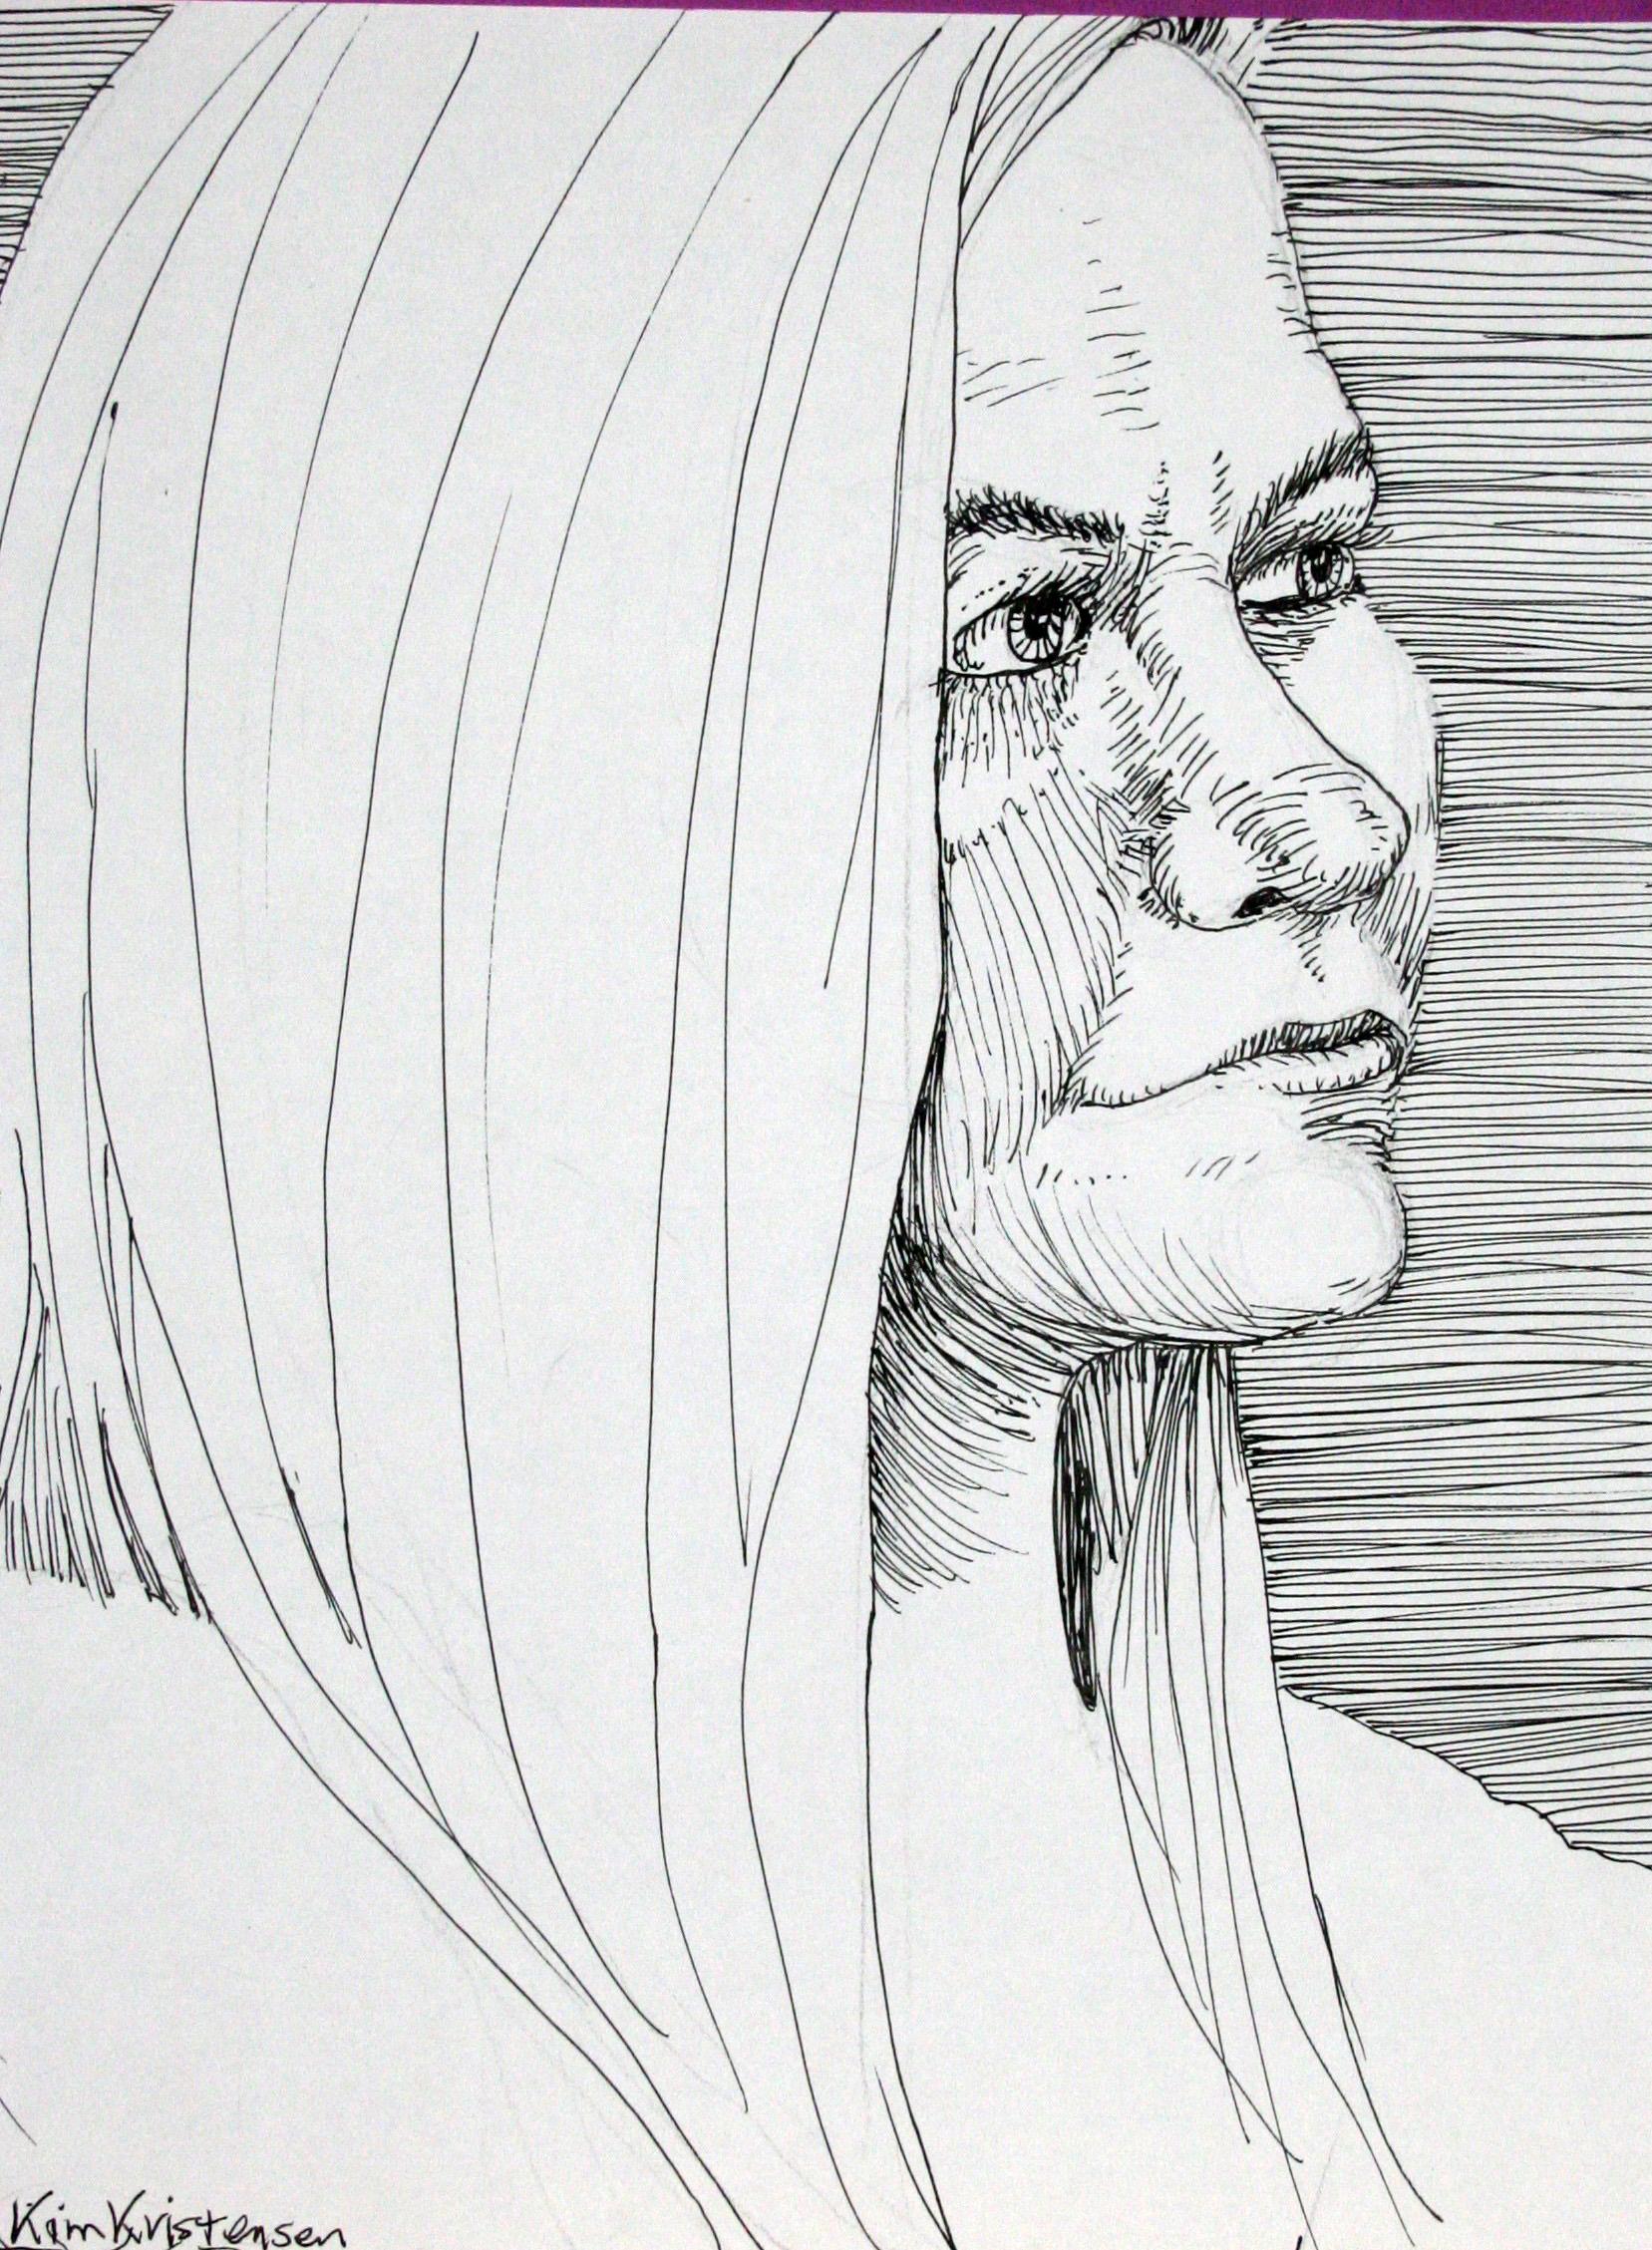 Kim Kristensen - Ink